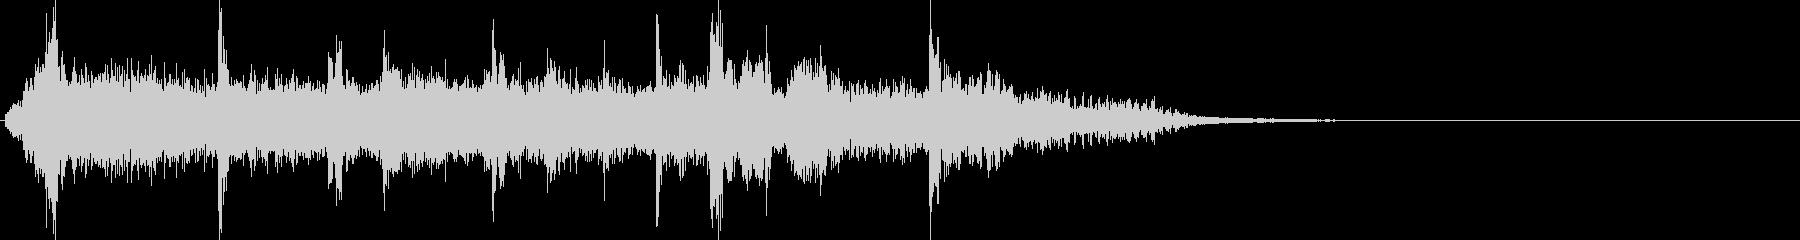 SFなどの場面転換のBGMの未再生の波形